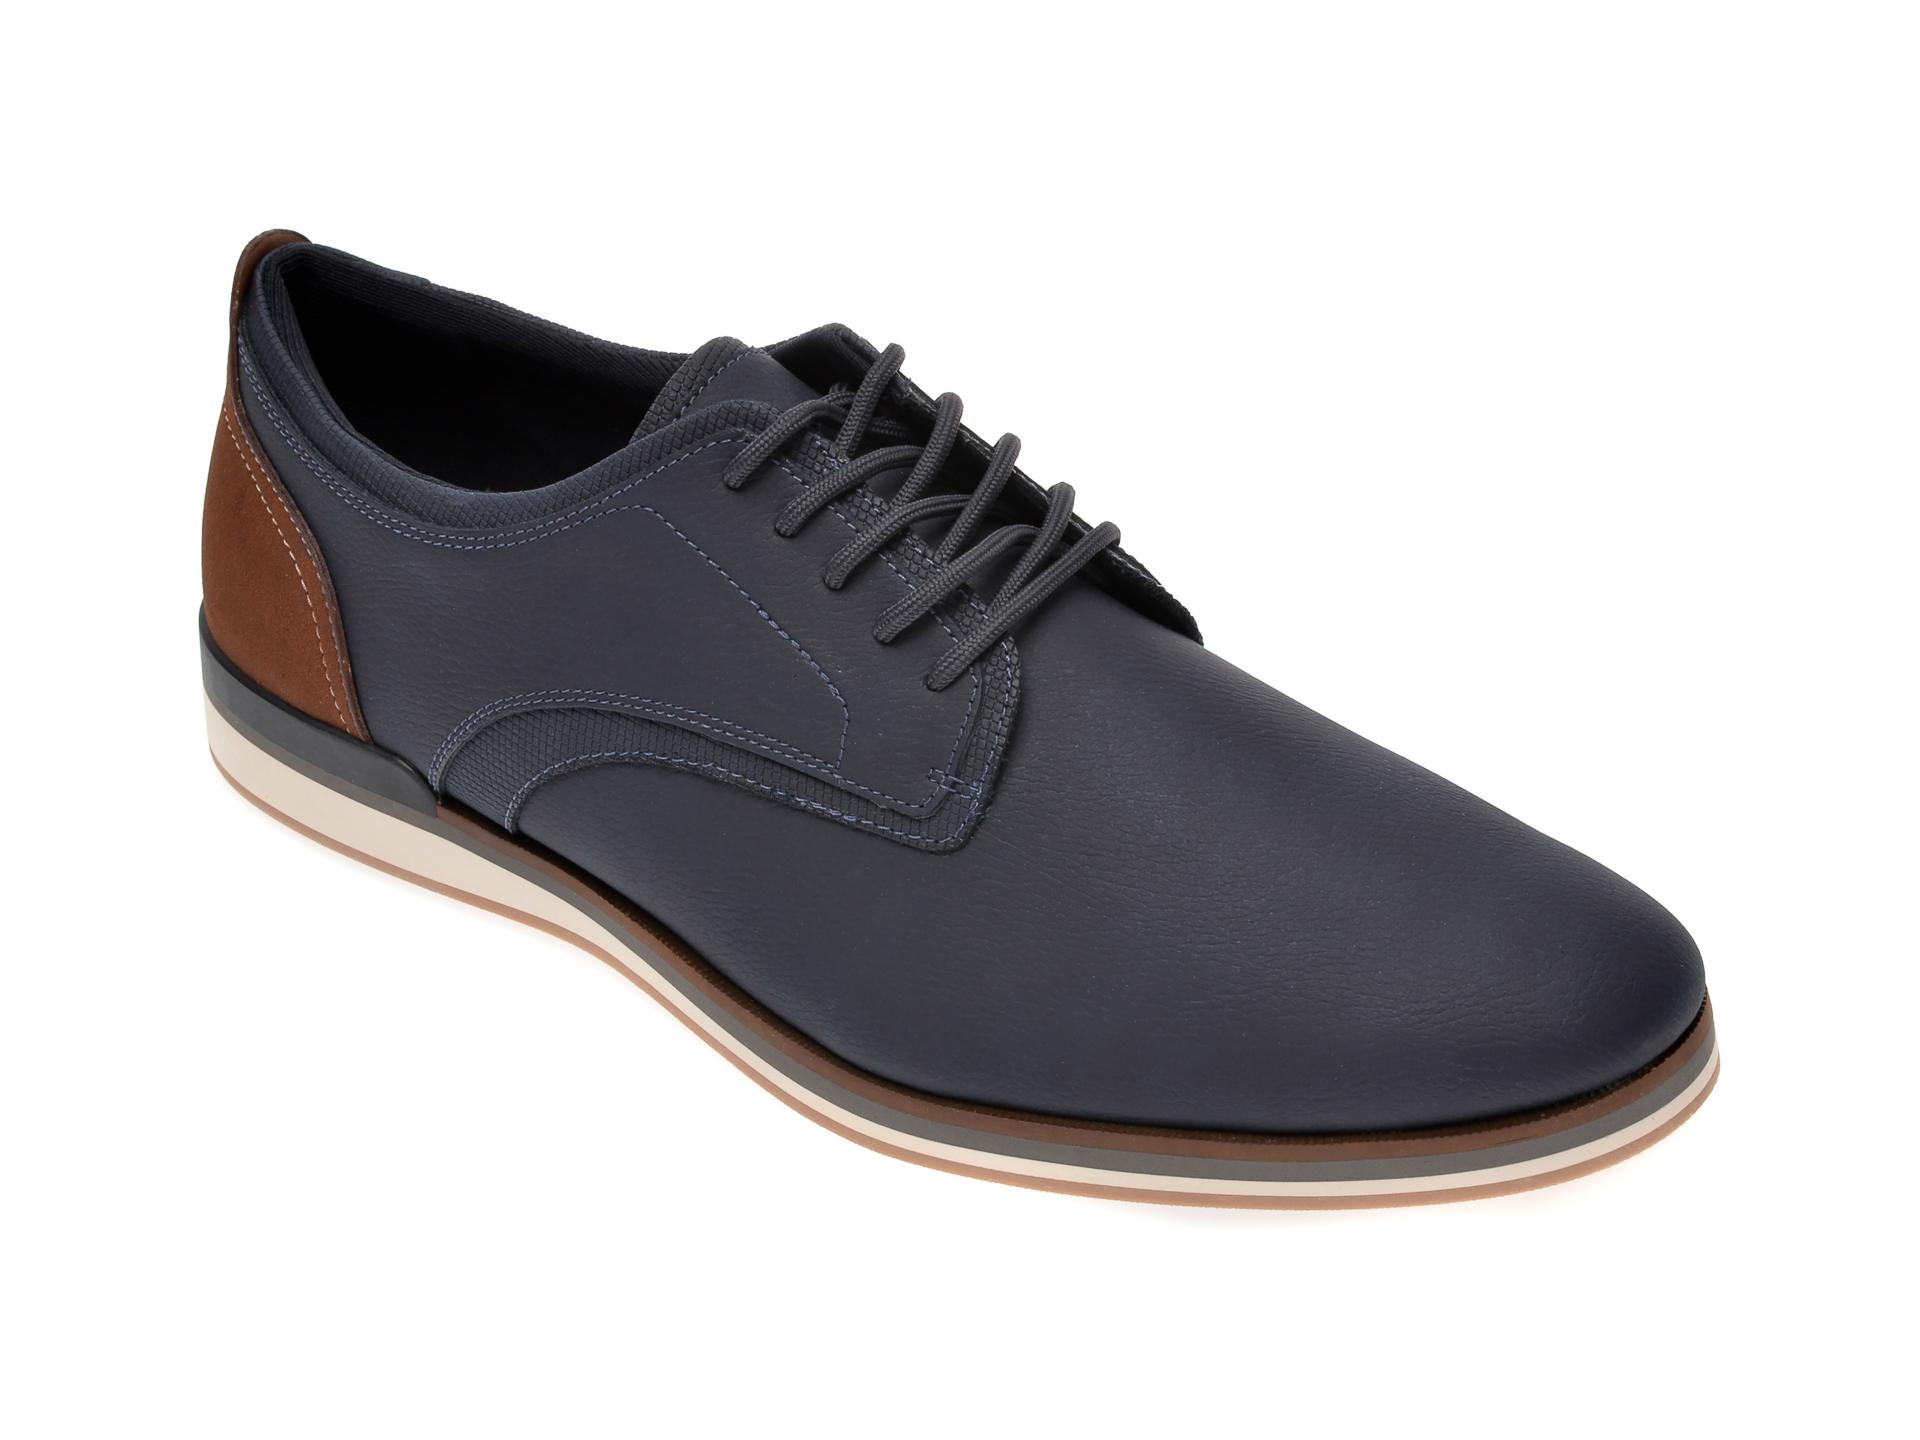 Pantofi ALDO bleumarin, Eowoalian410, din piele ecologica imagine